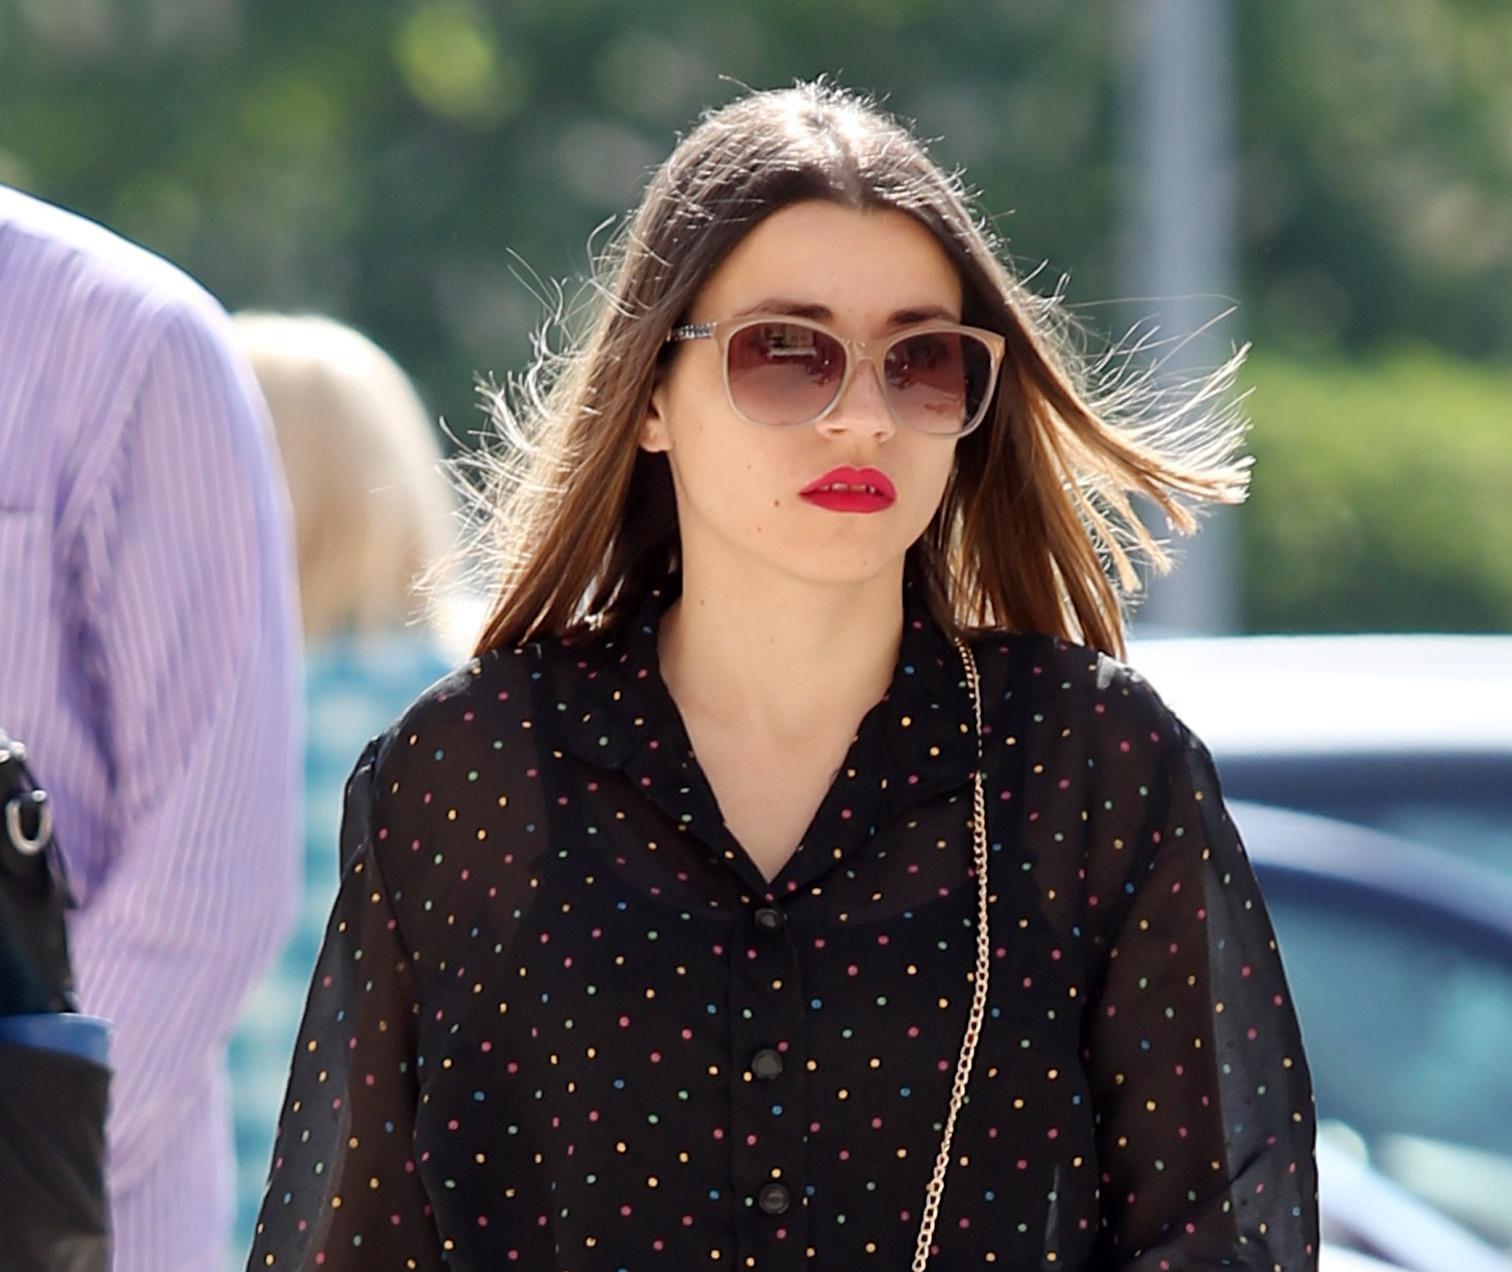 Ljepotica iz Šibenika nosi presladak modni dodatak koji ćete odmah poželjeti u ormaru